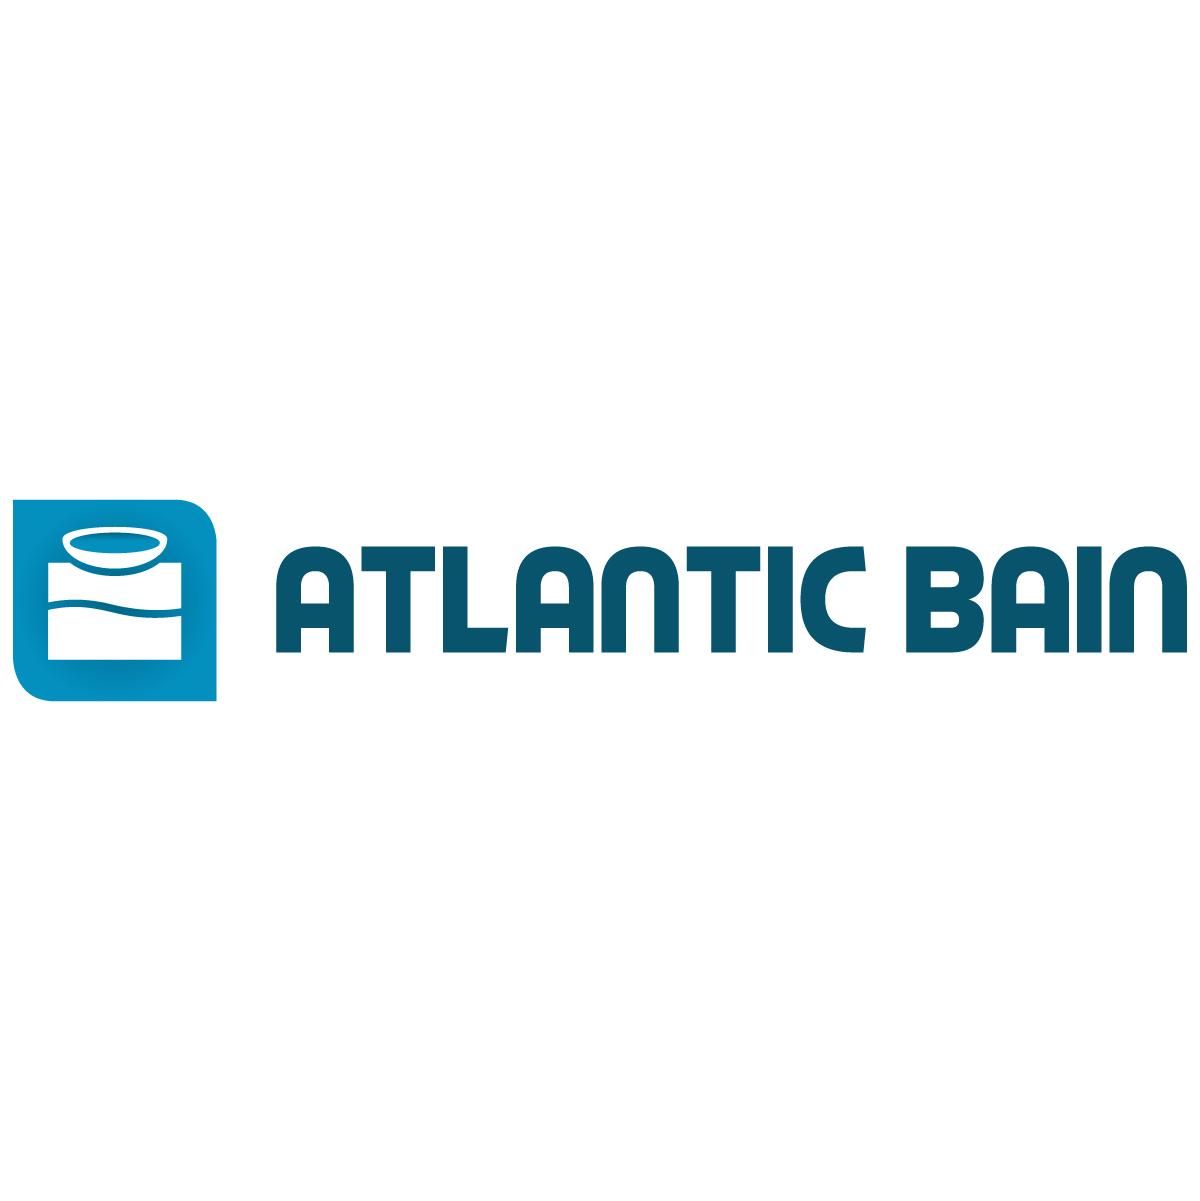 Atlantic Bain Morisseau Vertou plus que pro